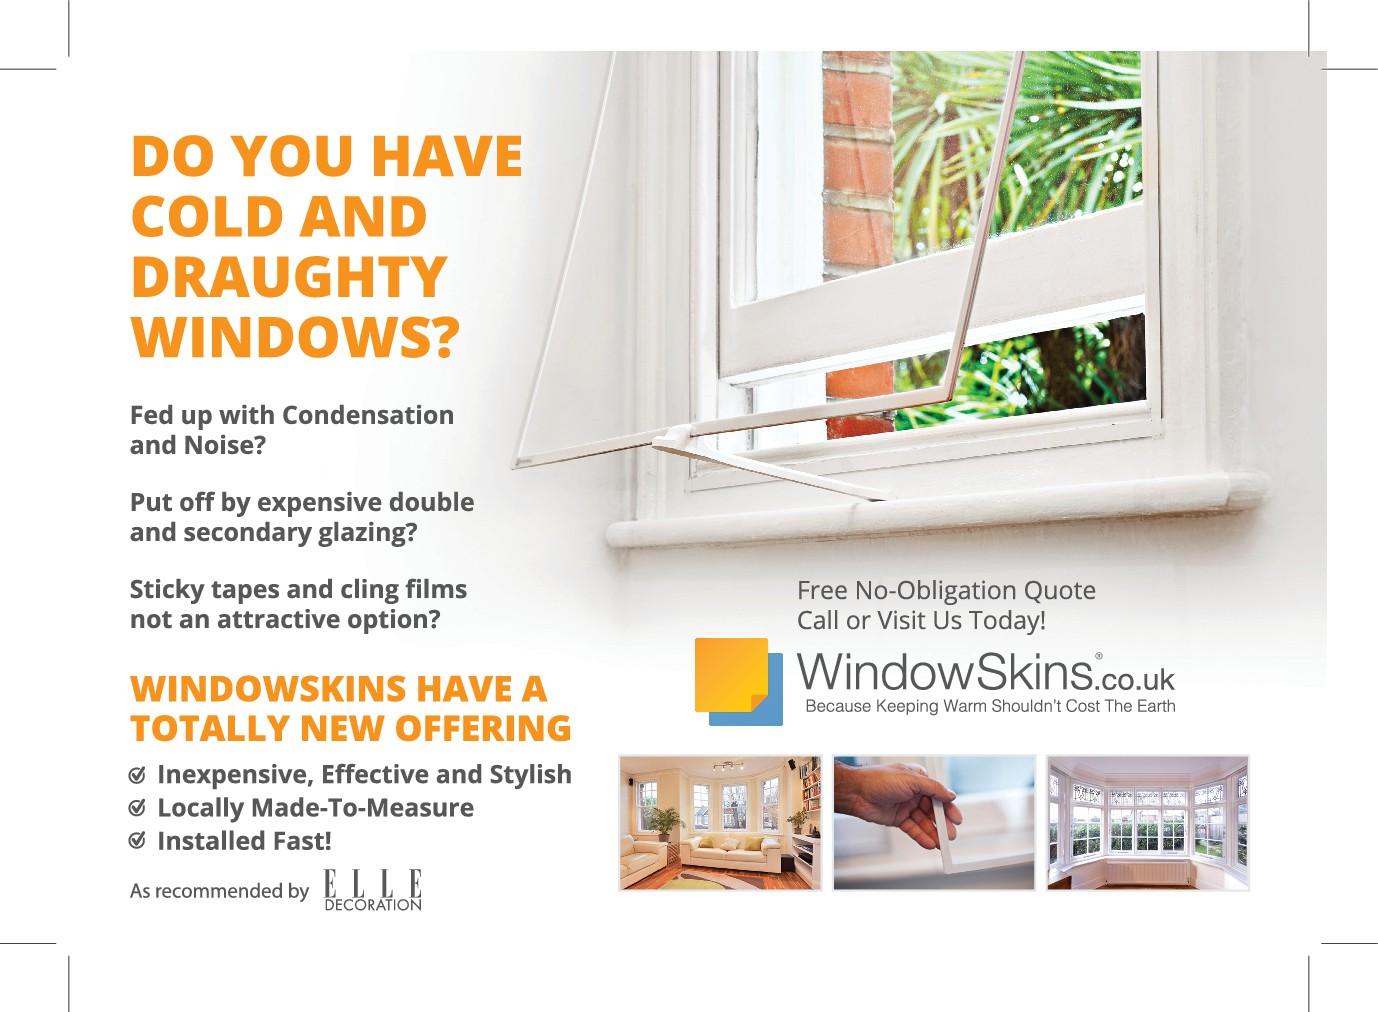 Design a Leaflet For WindowSkins.co.uk